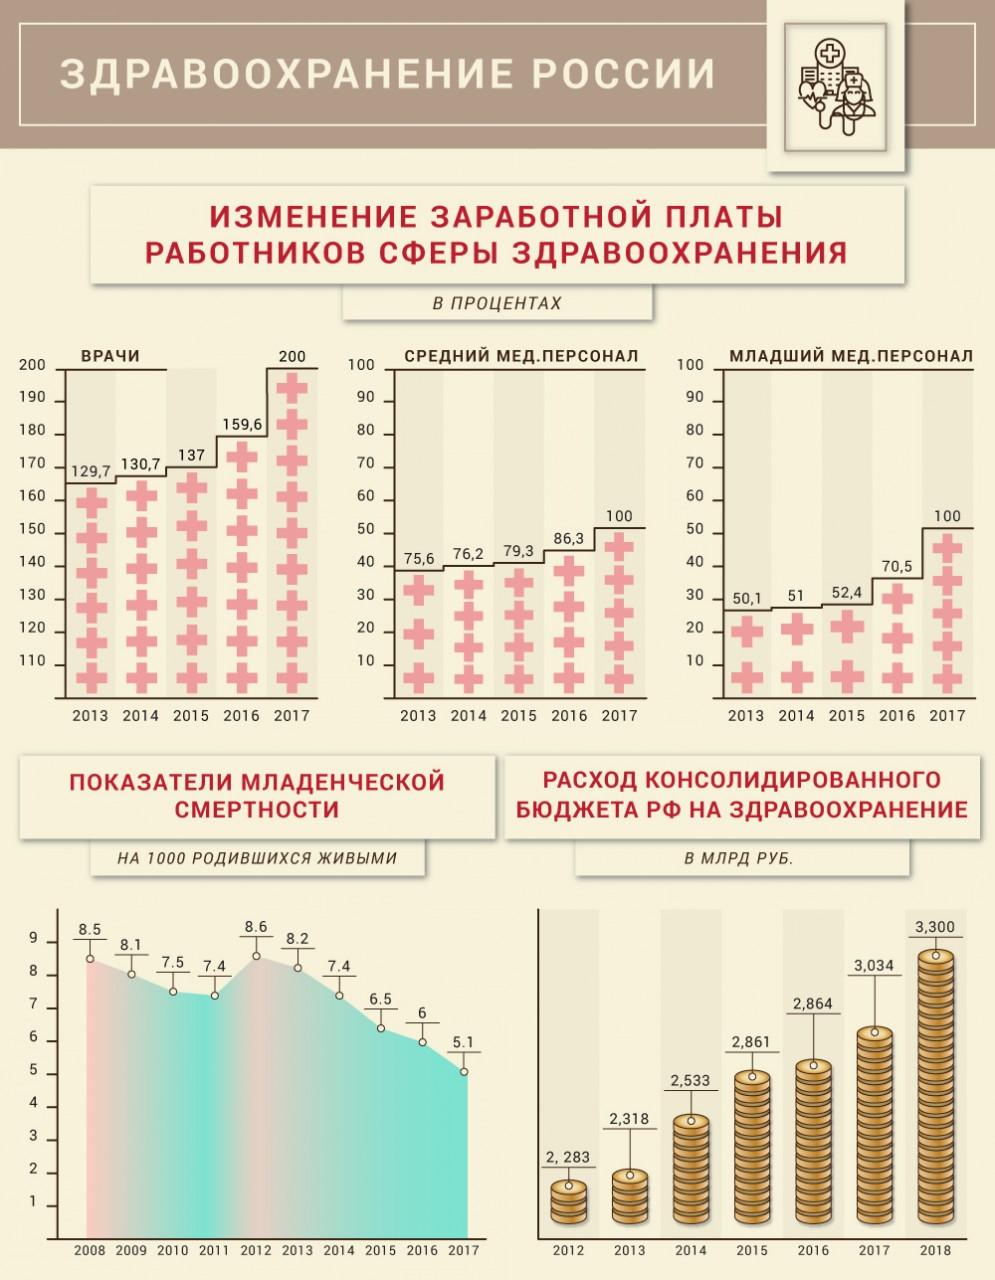 Успешное развитие российской медицины при Путине